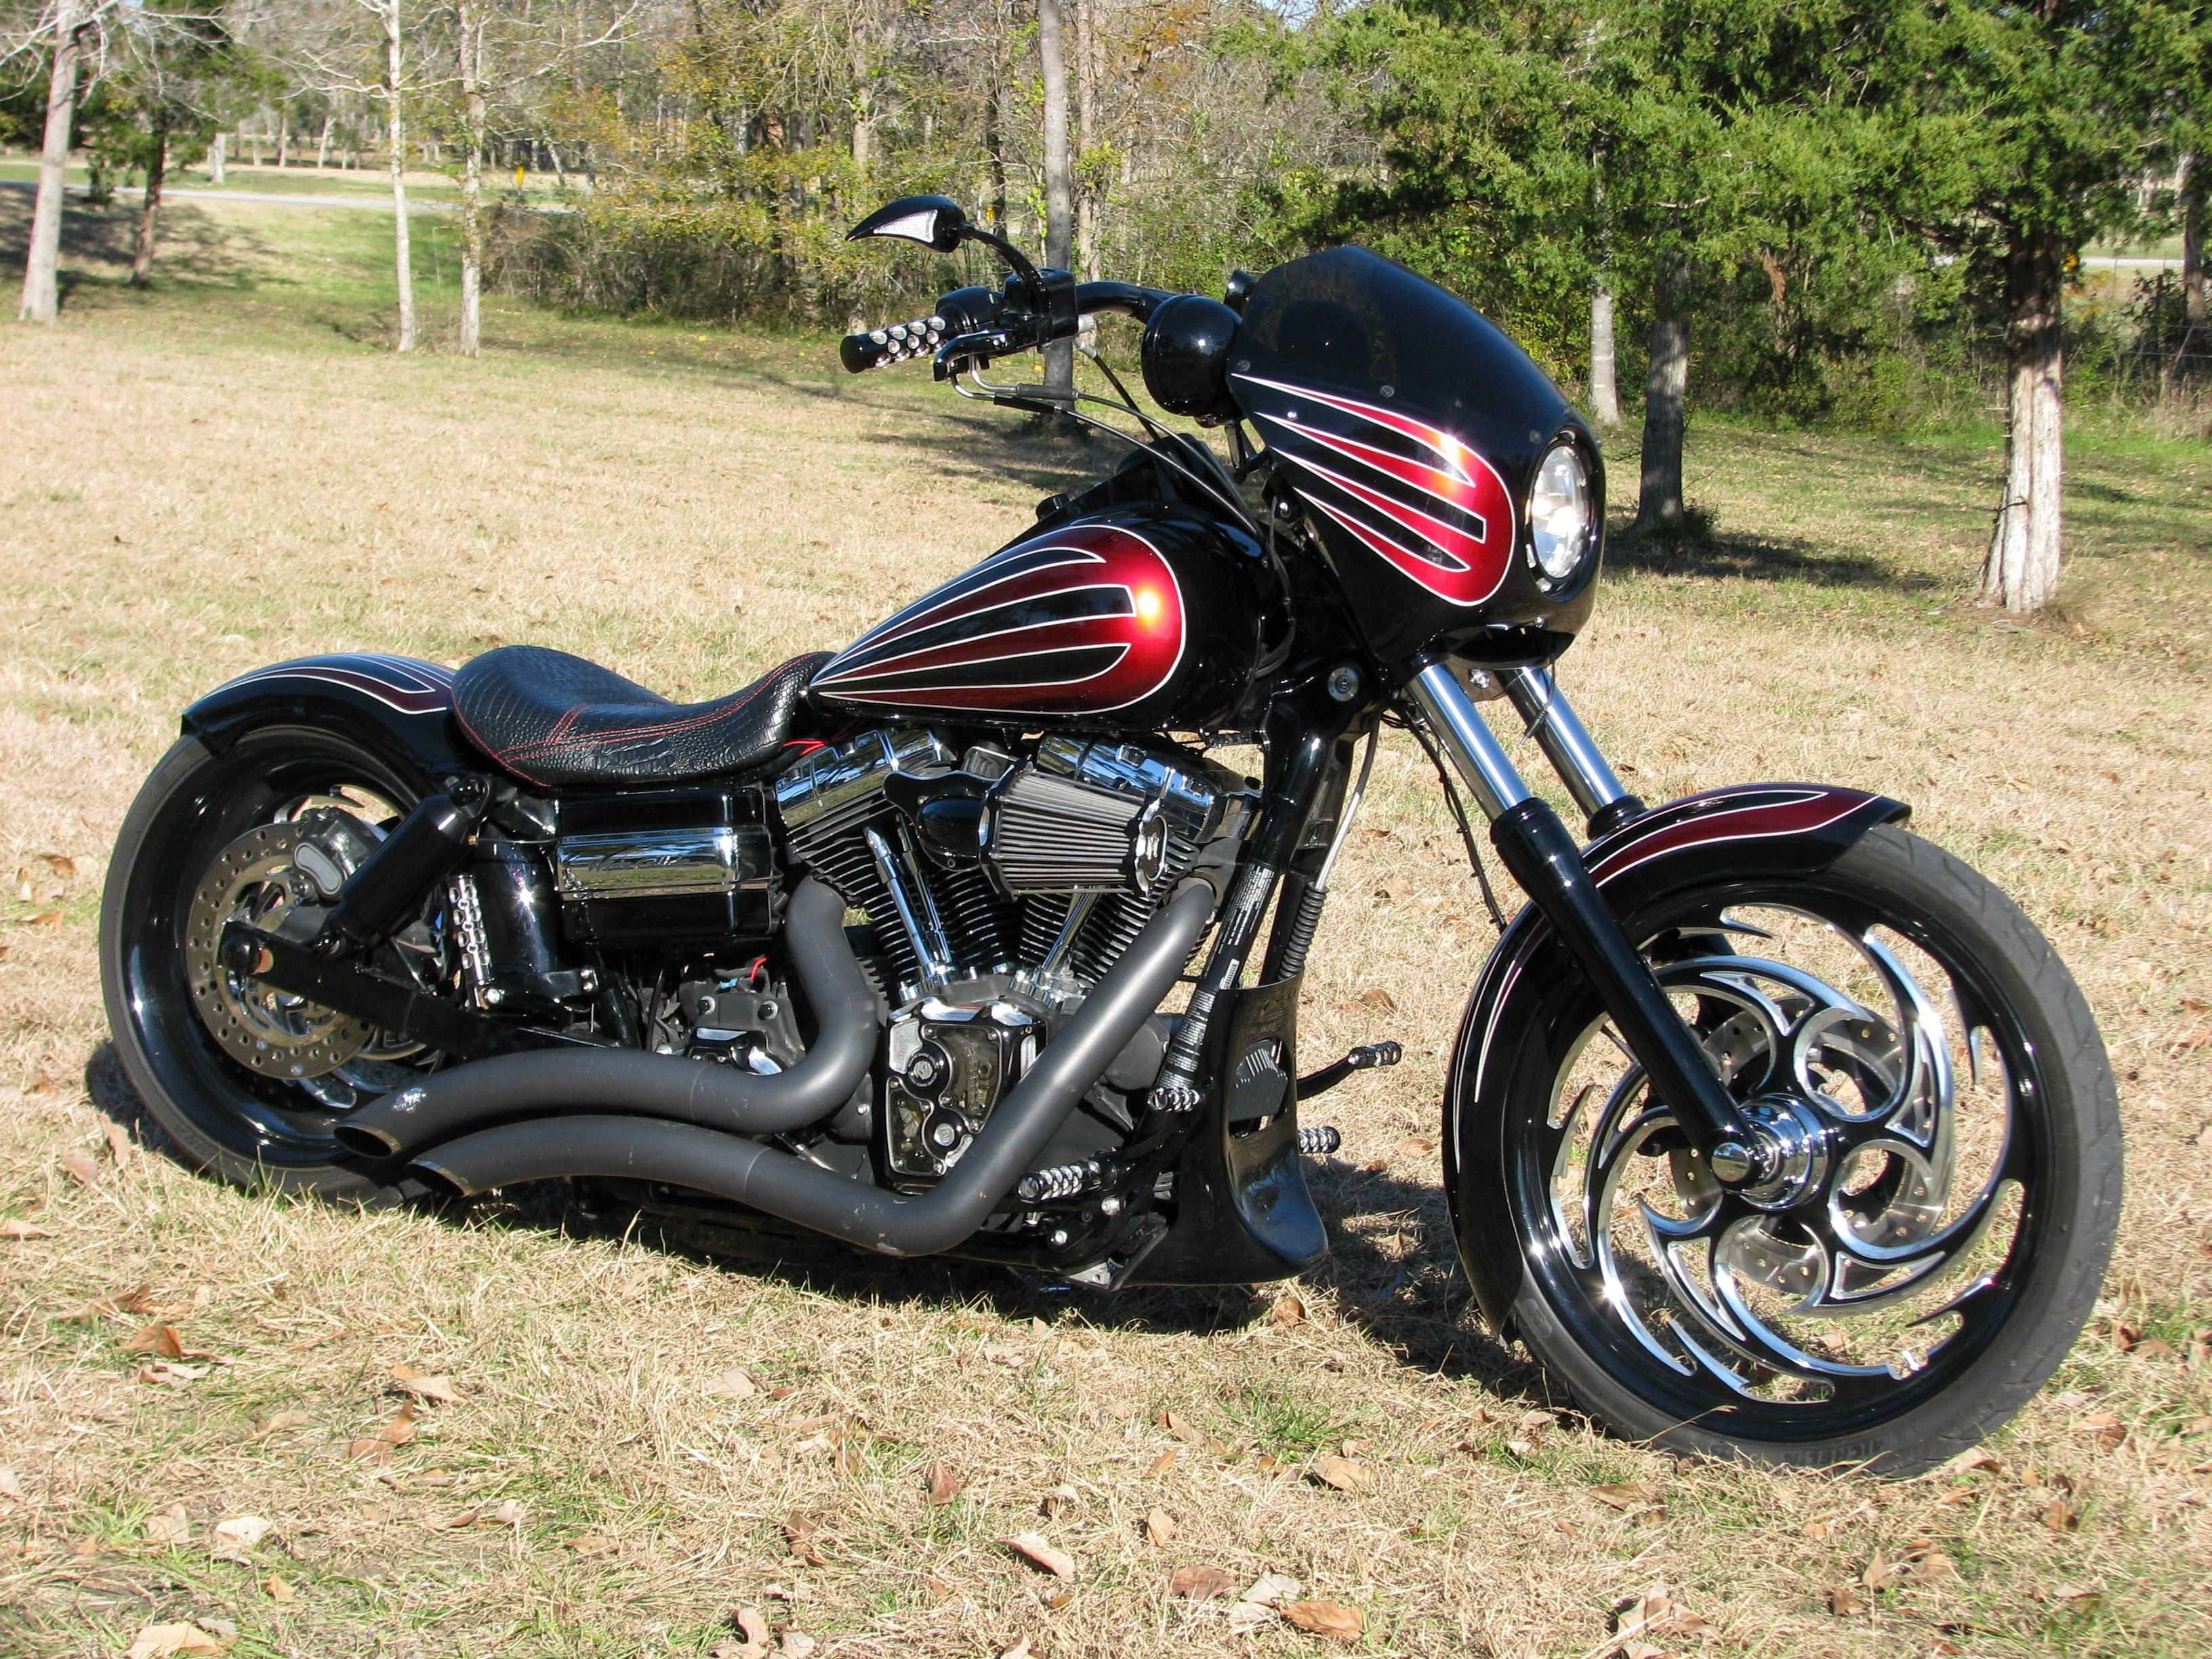 2013 Harley Davidson Fxdwg Dyna Wide Glide Black